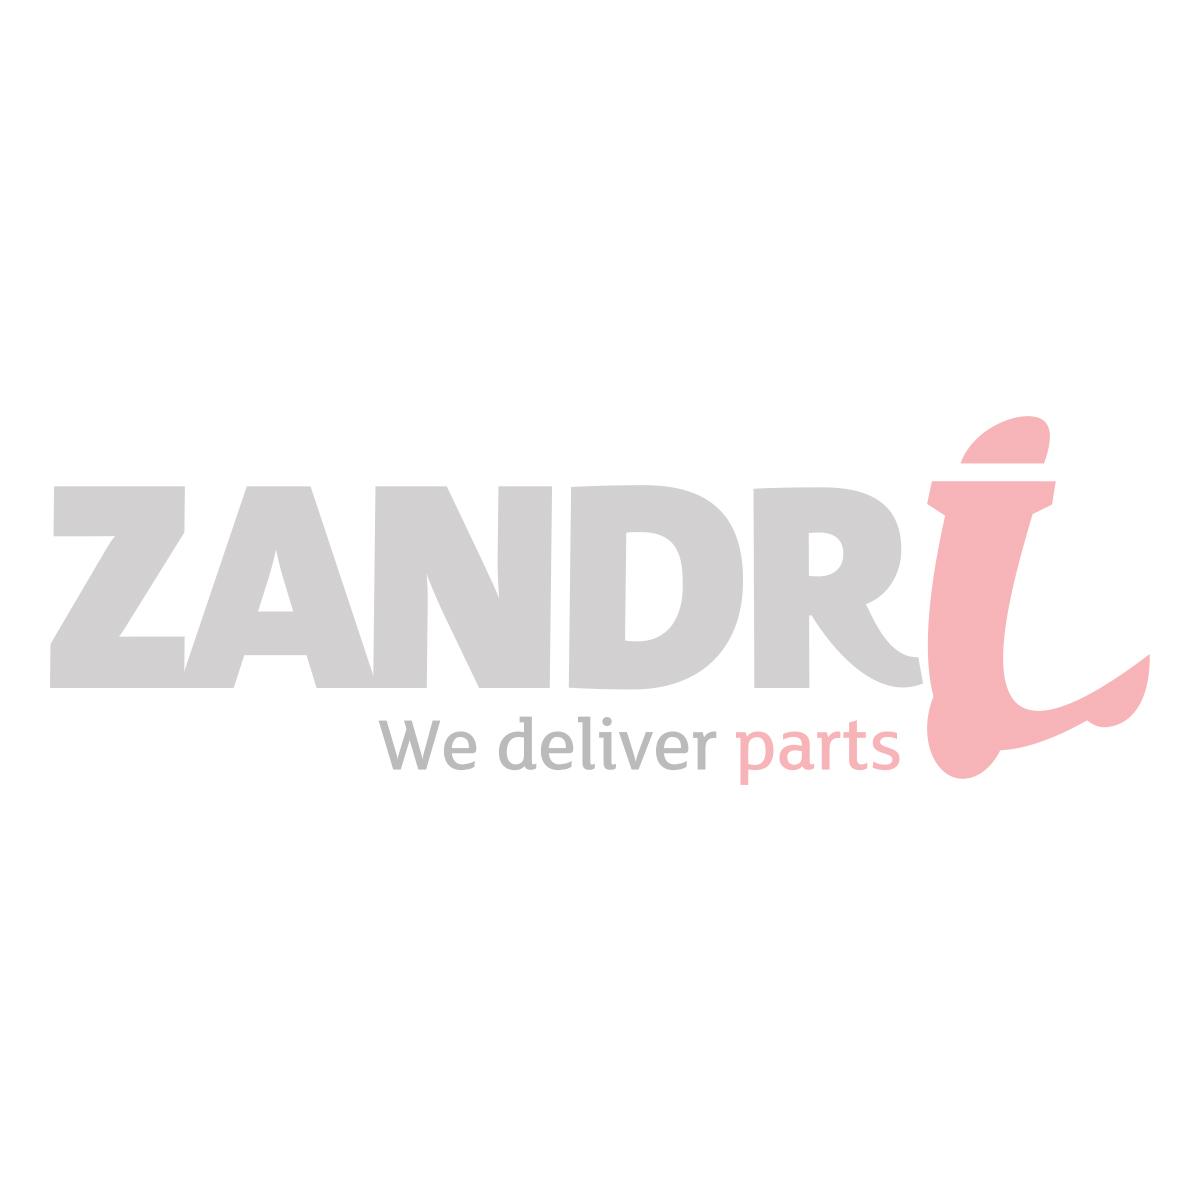 Rubber voorspatbordsteun Zundapp oud type model 517 z517-19.124